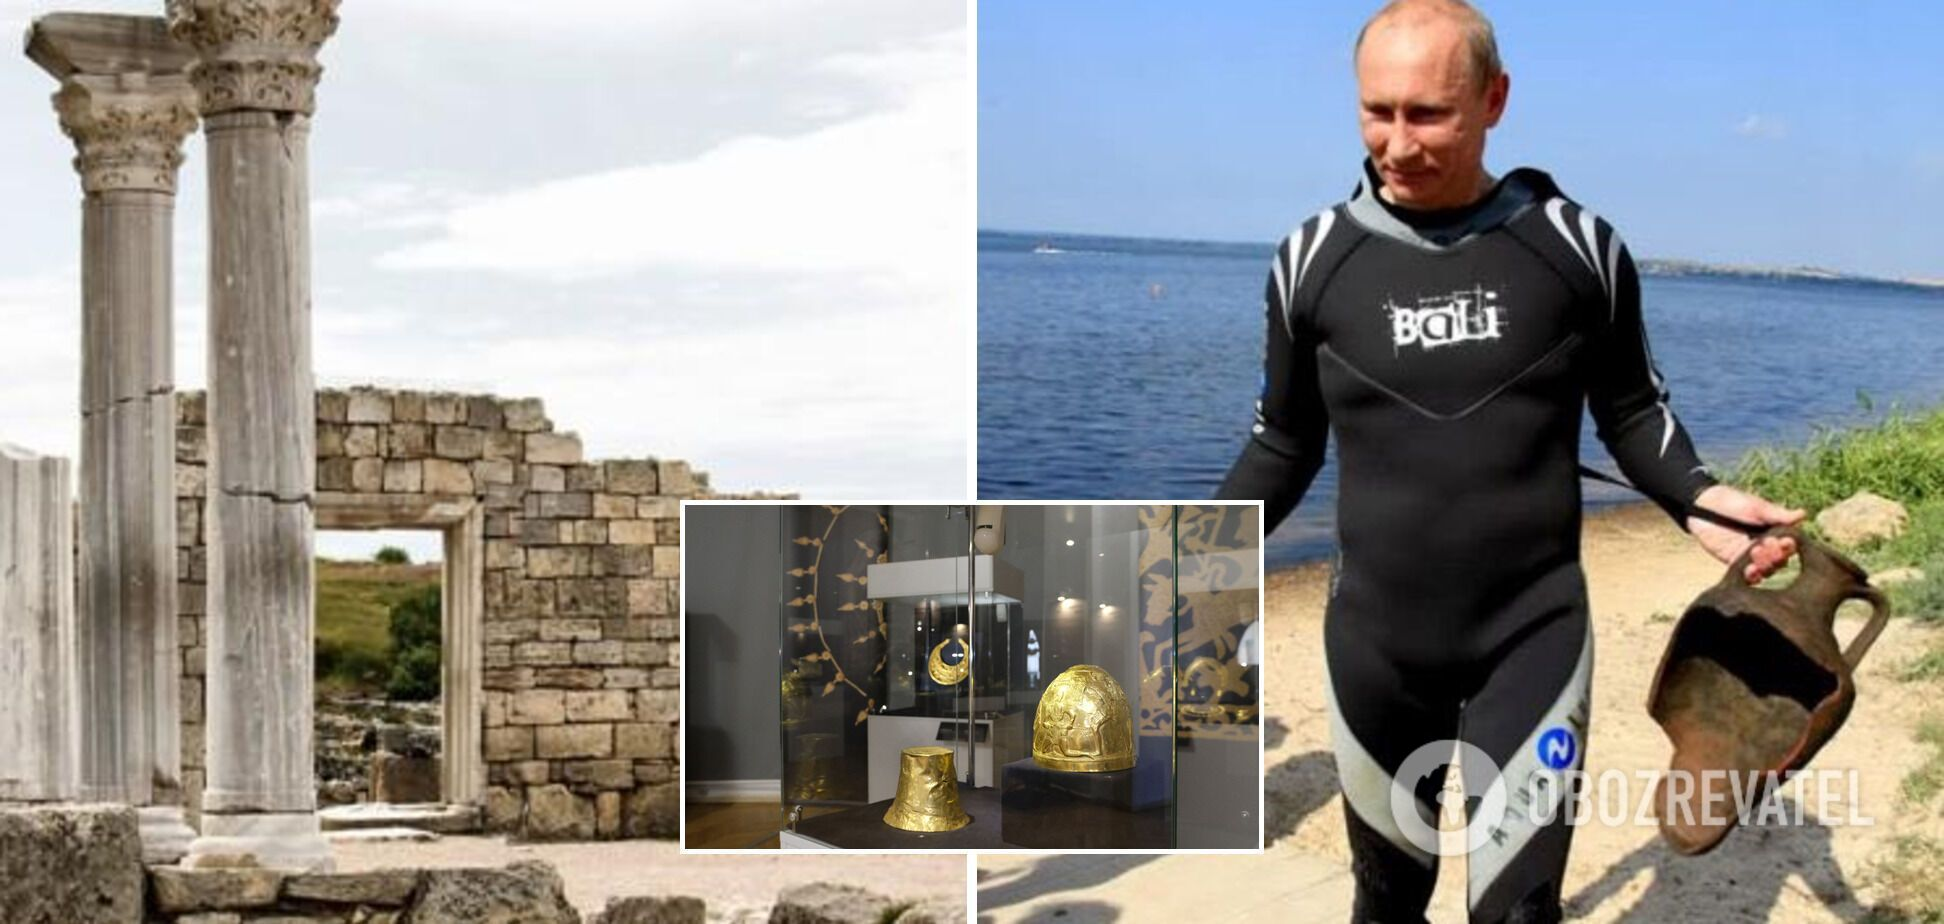 Фіаско окупантів. Україна повернула 'золото скіфів' – поверне й Крим